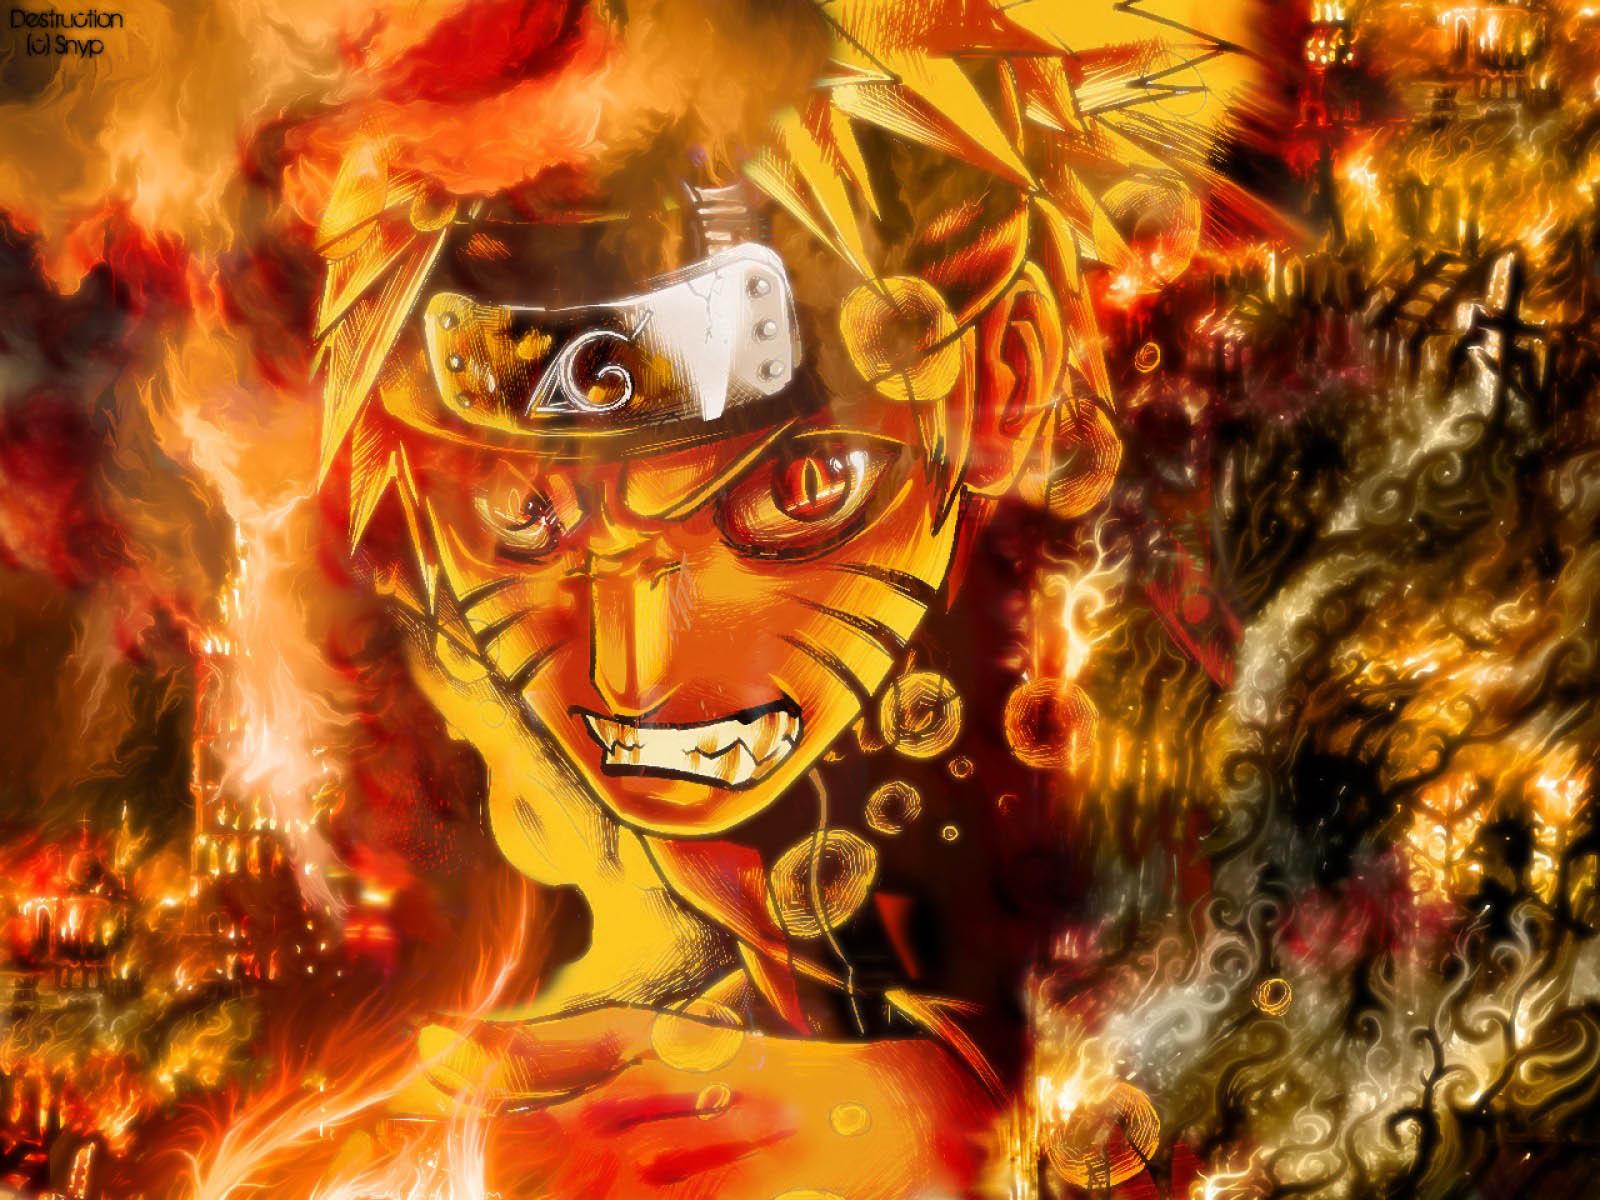 Gallery Mangklex: HOT 2013 Popular Naruto Shippuden Wallpapers